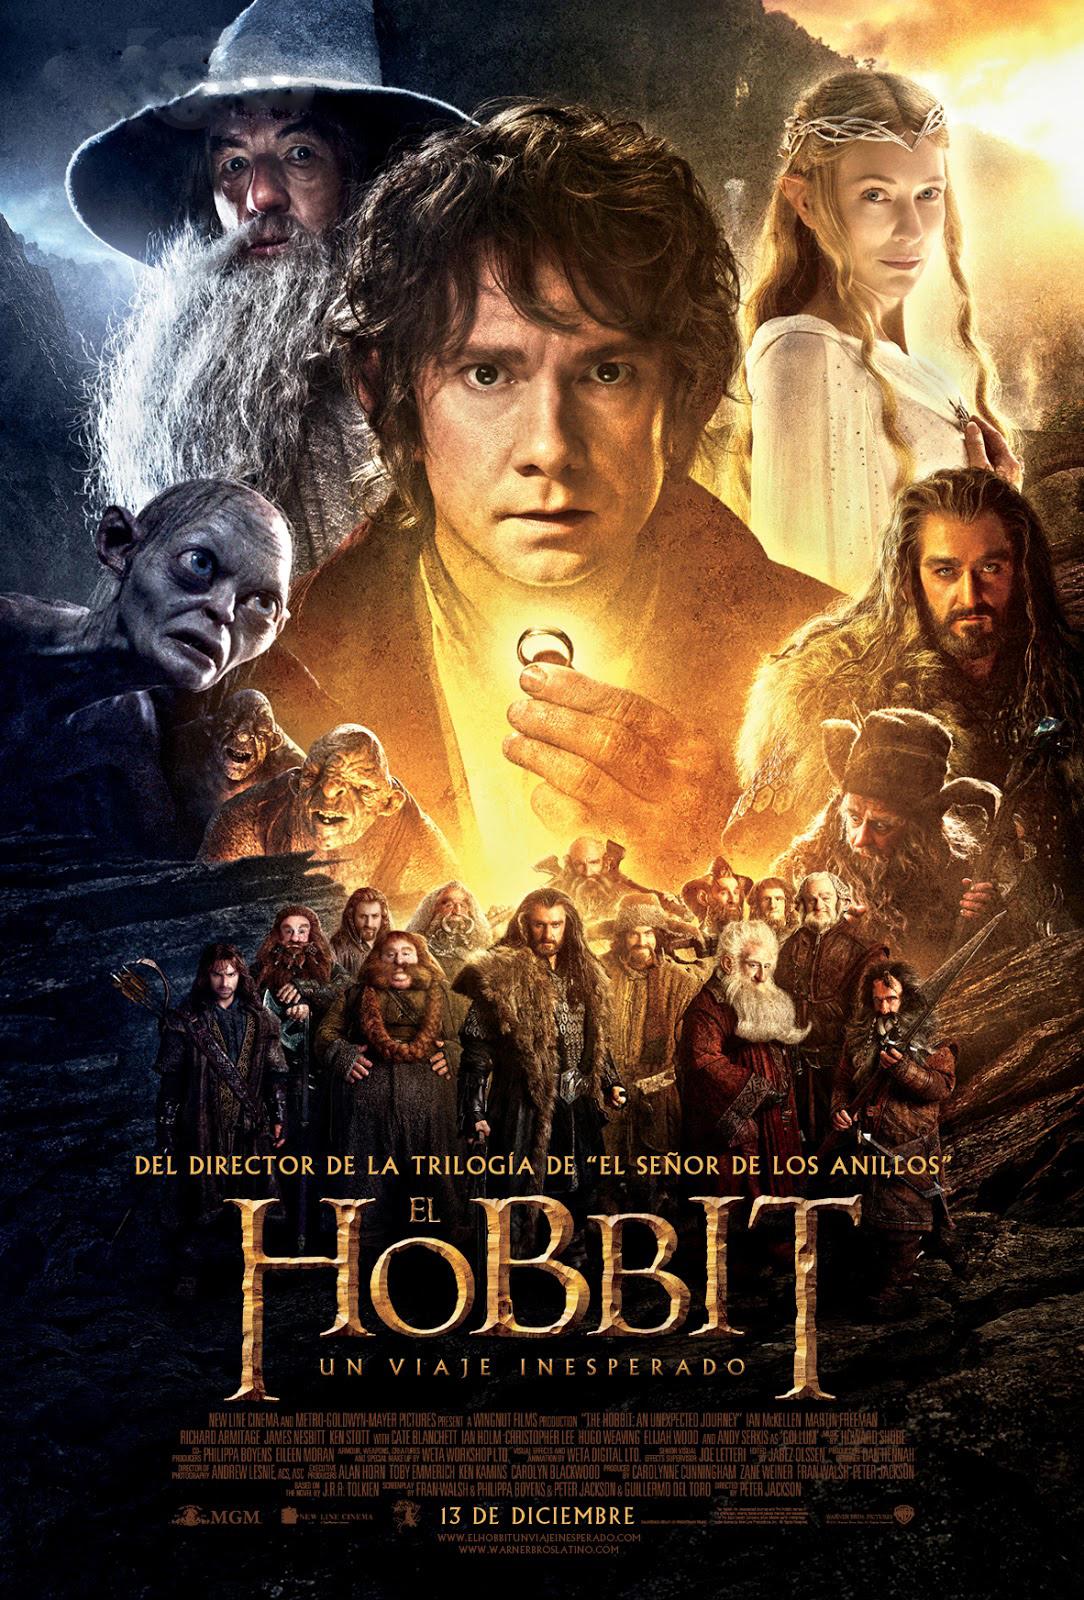 el hobbit un viaje inesperado la primera parte de la adaptacion de